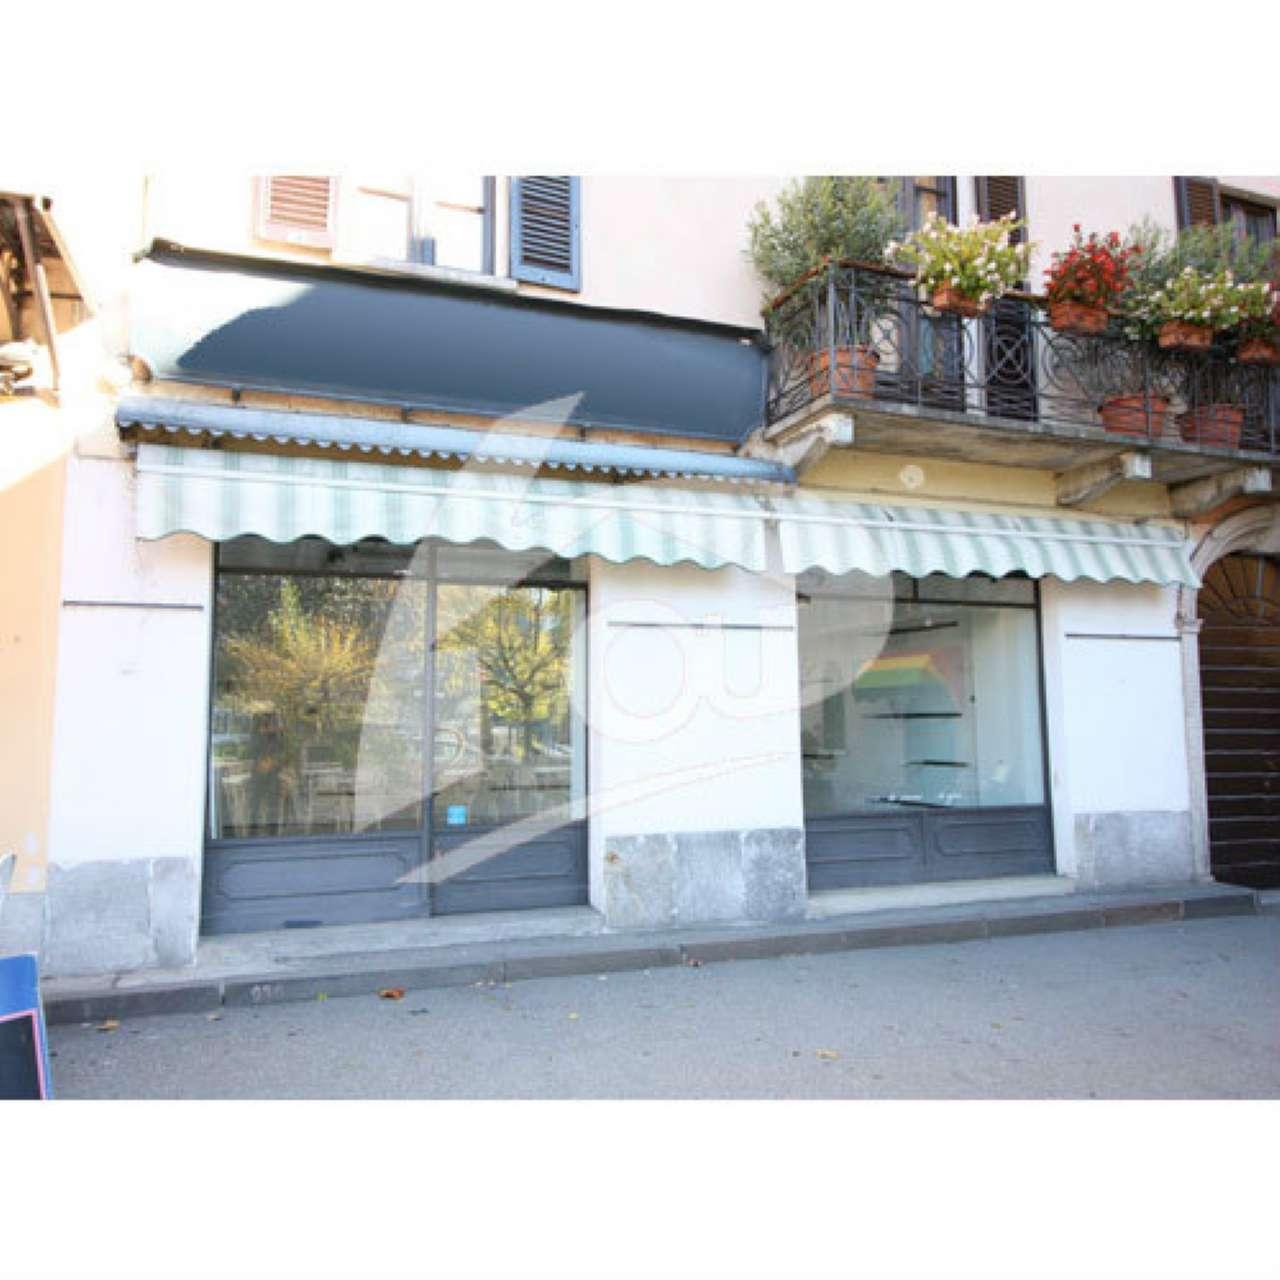 Negozio / Locale in affitto a Laveno-Mombello, 1 locali, prezzo € 700 | CambioCasa.it